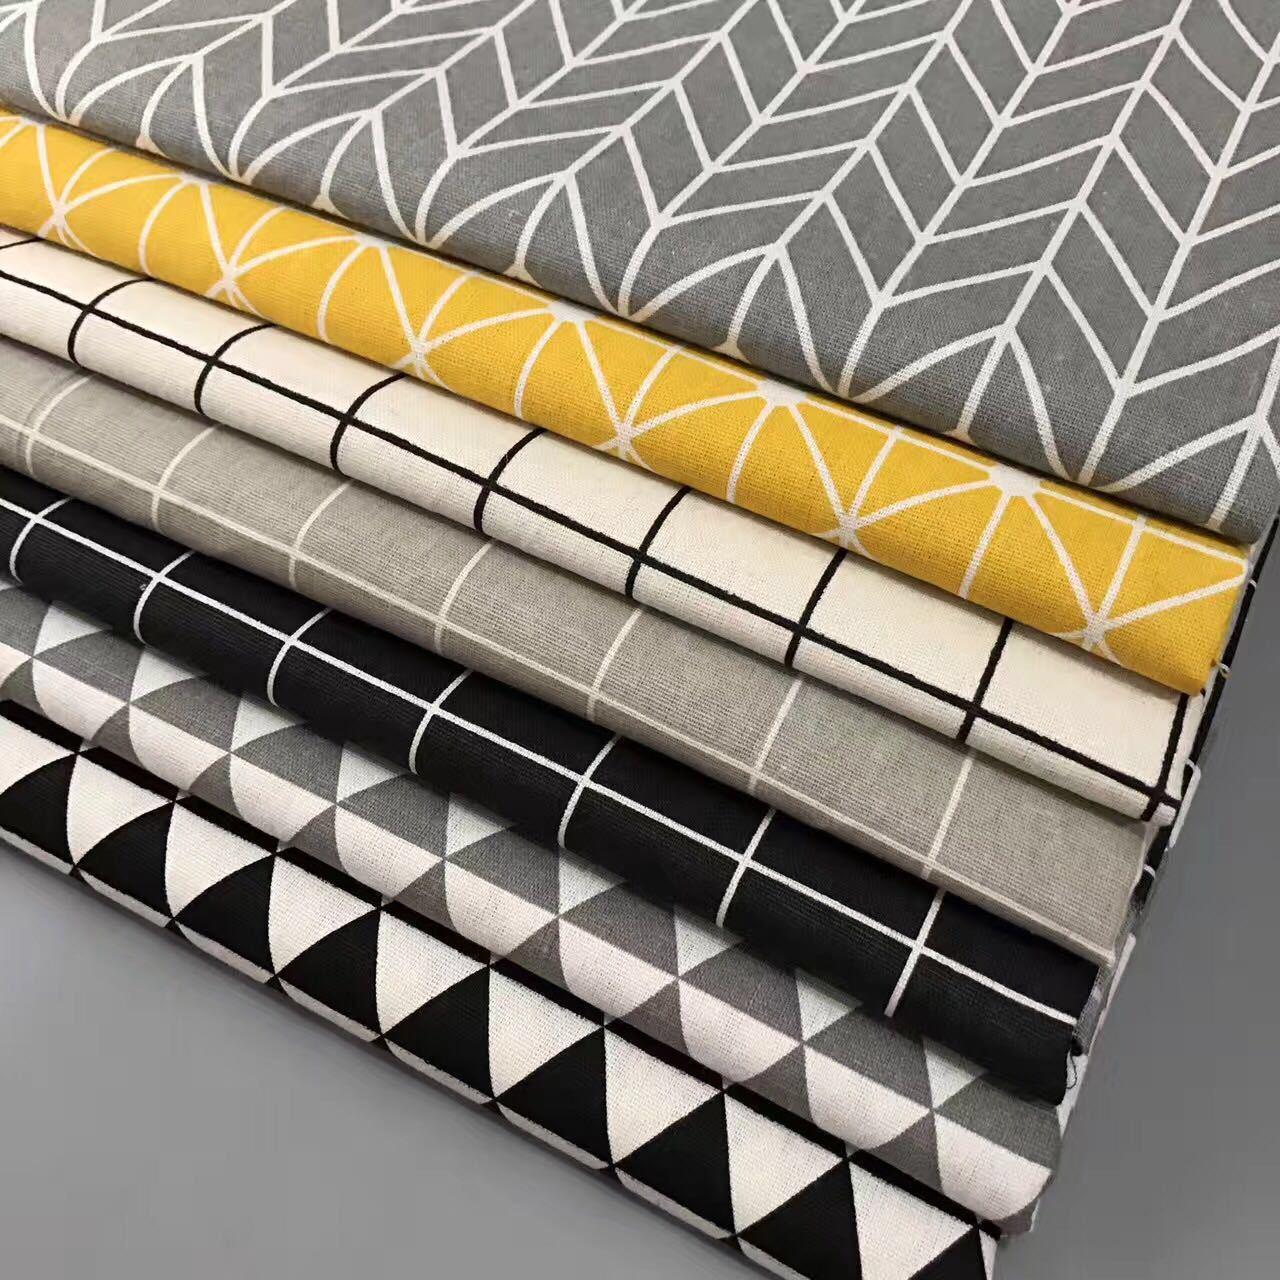 Bông và vải lanh chất liệu, polyester bông sofa, lanh, vườn, pha trộn vải, bông và vải lanh, tại chỗ